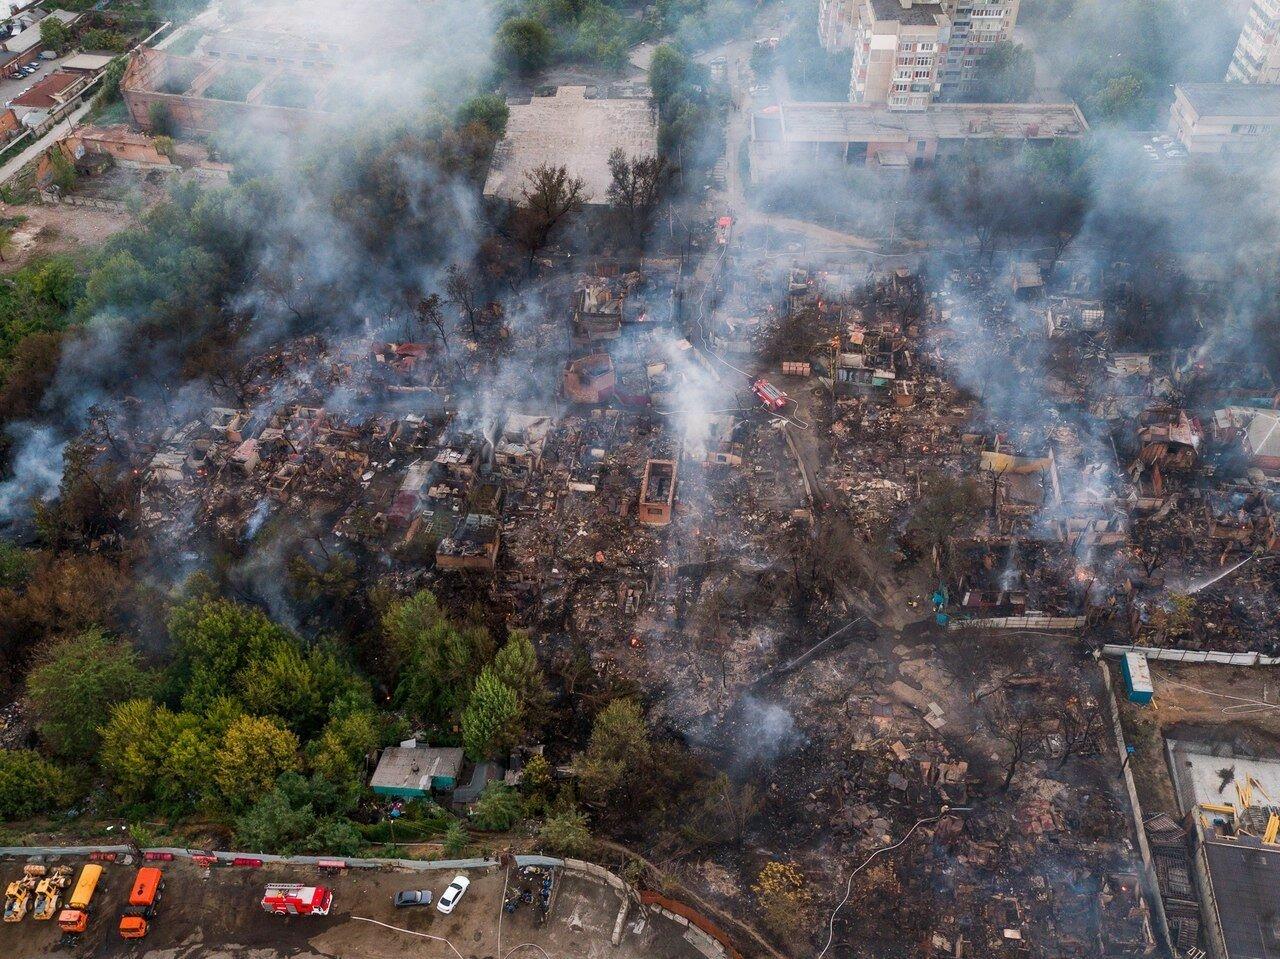 Район, которого больше нет: фотопутешествие по ростовской «Говнярке»